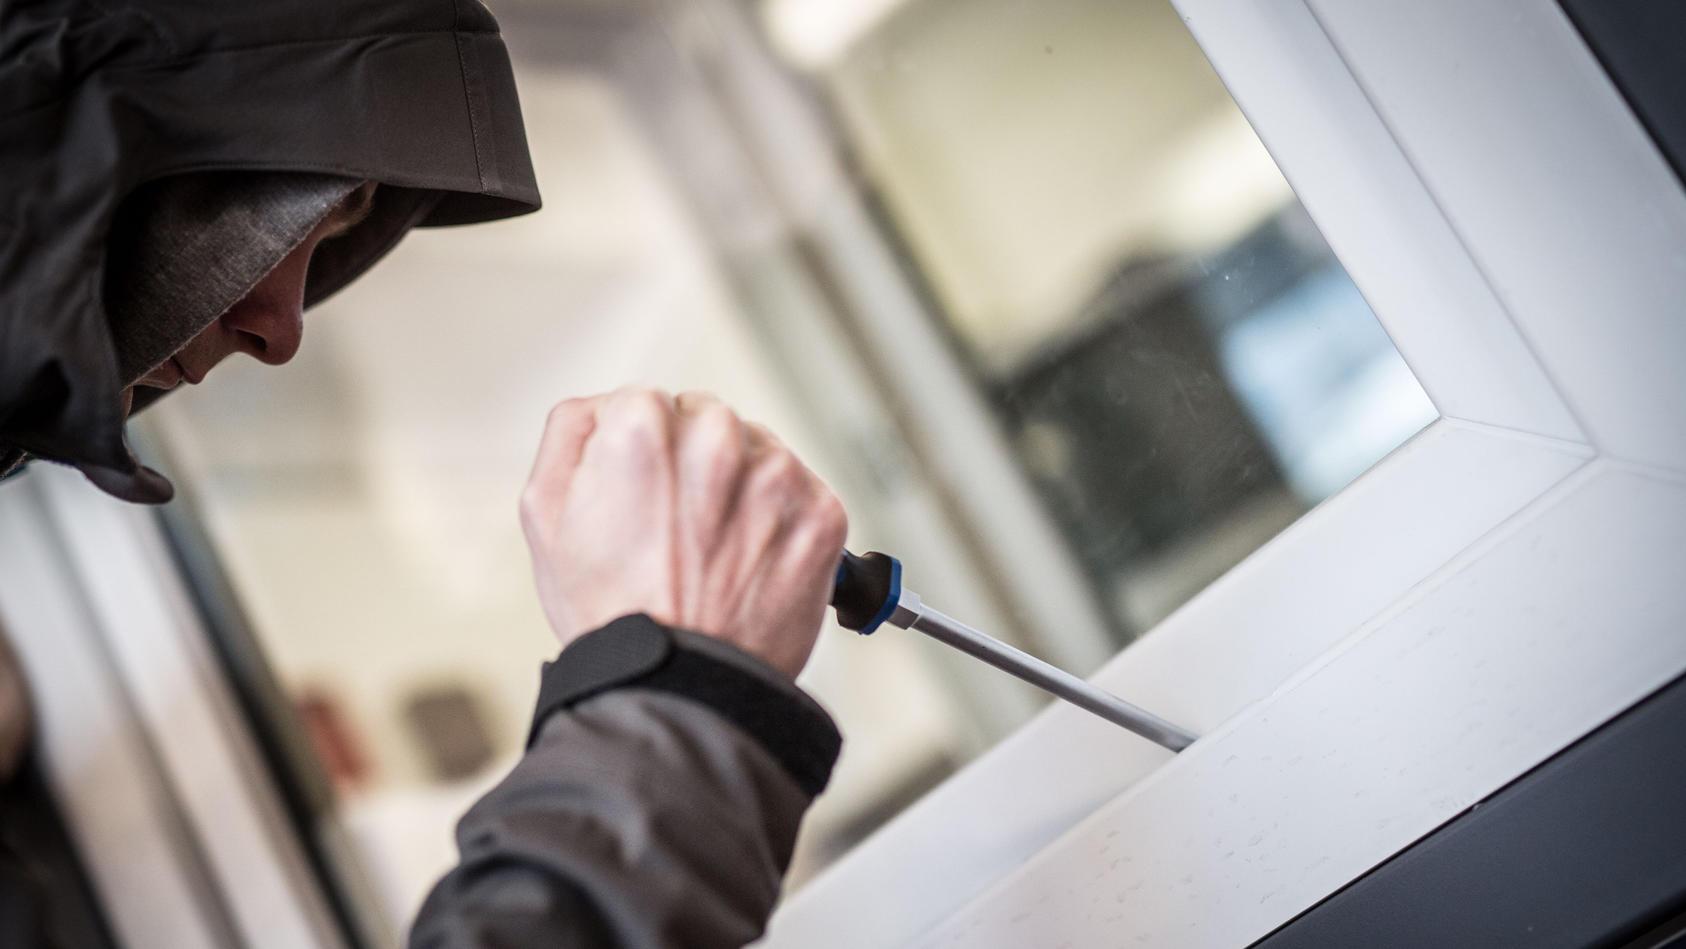 Alarmanlagen bieten Schutz vor Einbrechern.